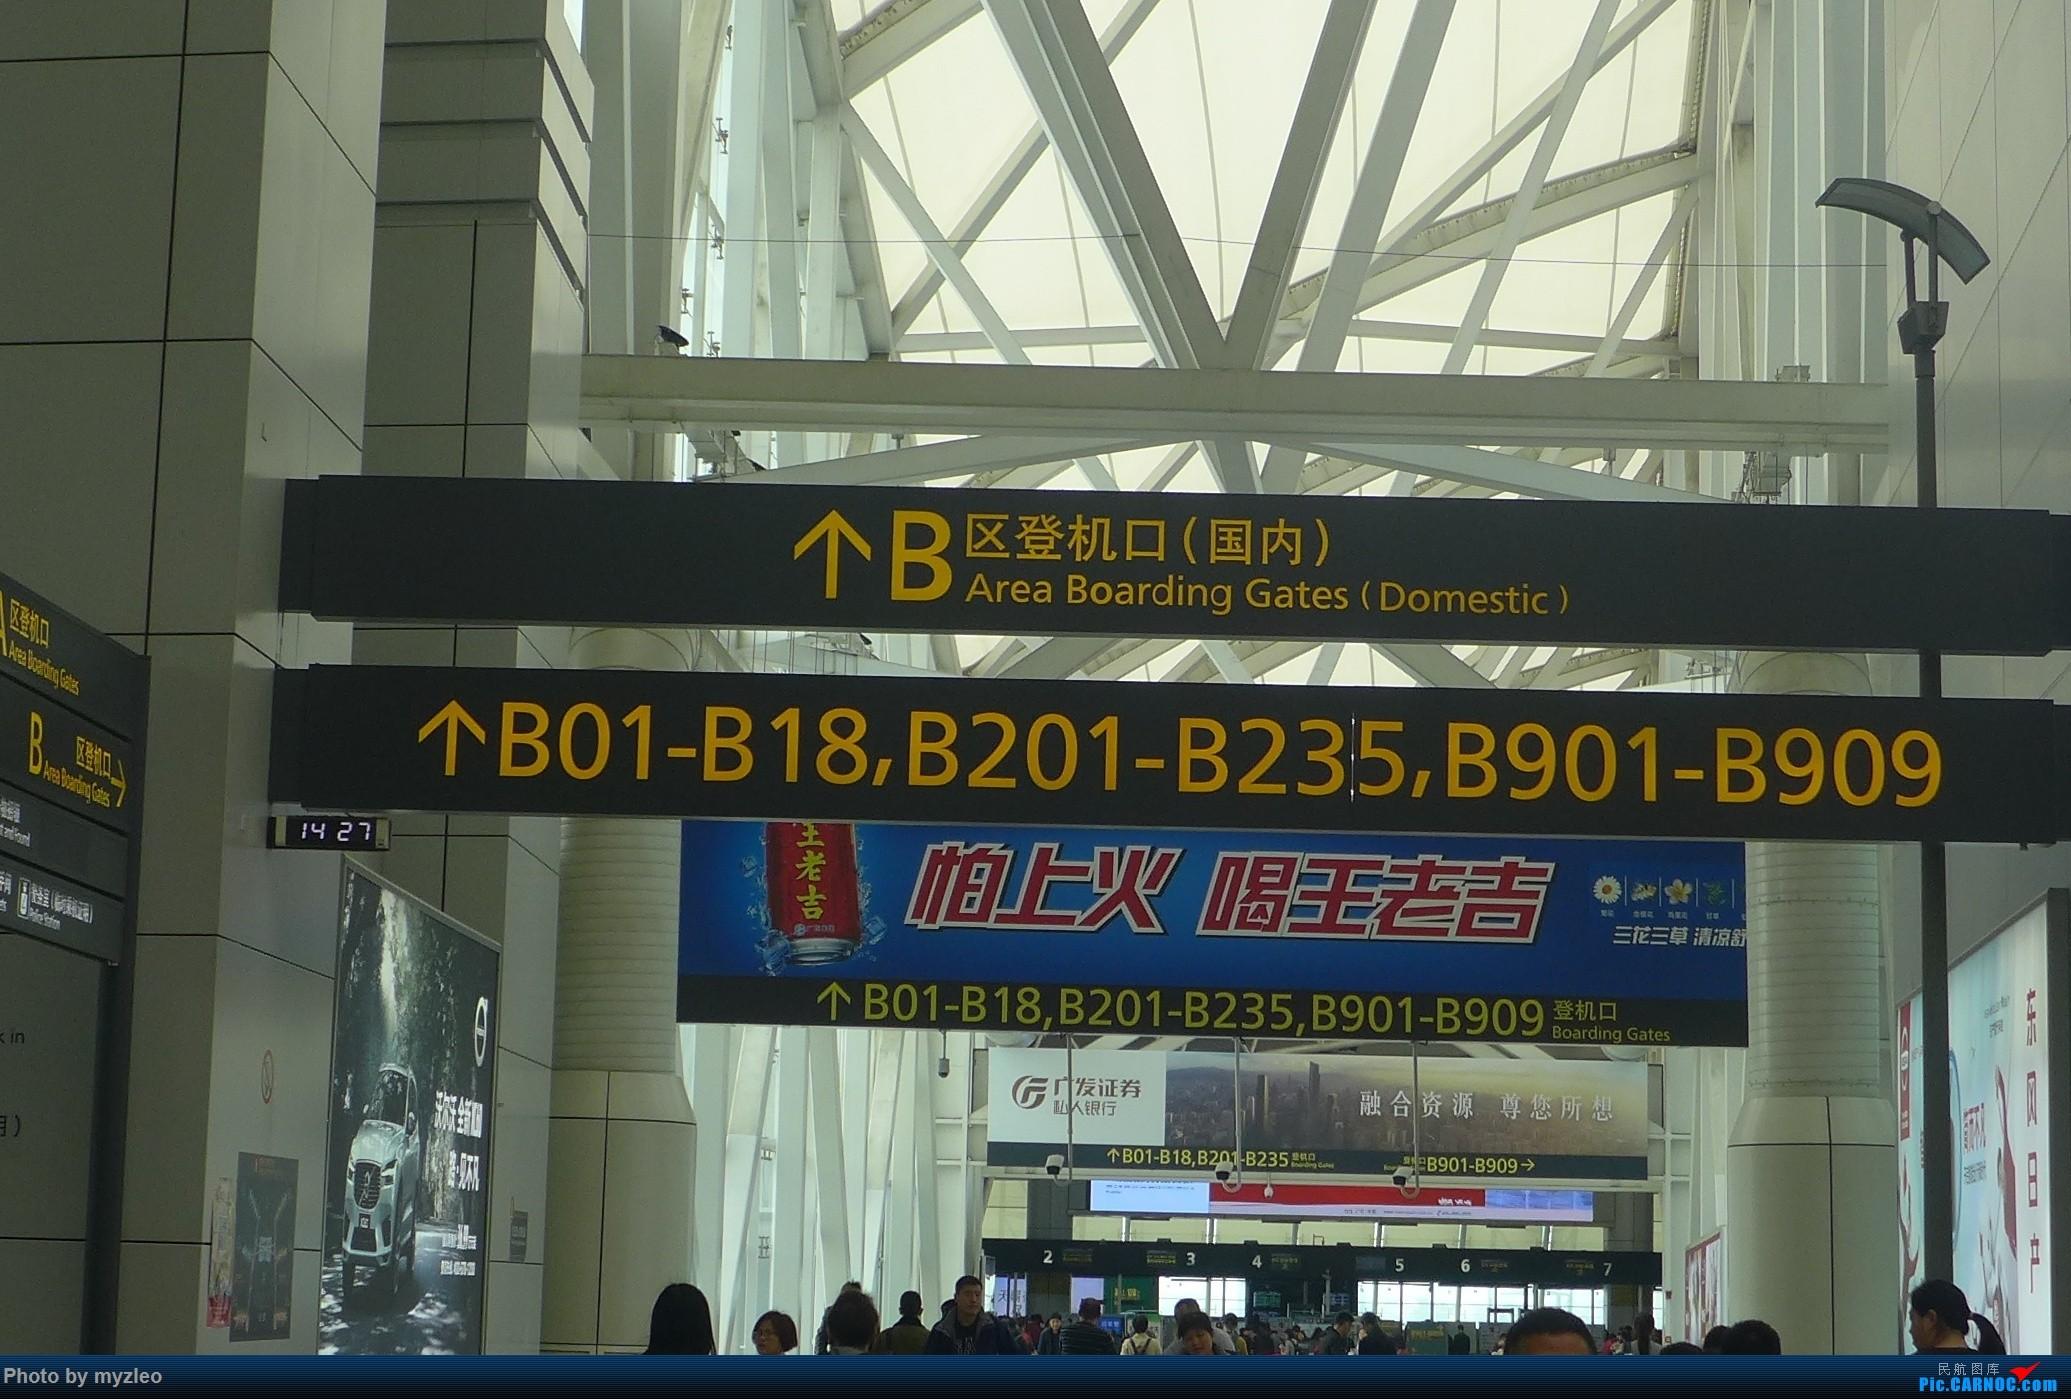 Re:【myzleo的游记1】六天五晚广州行——SHA-CAN上航商务舱初体验+广州城内+CAN-SHA南航老旧的738